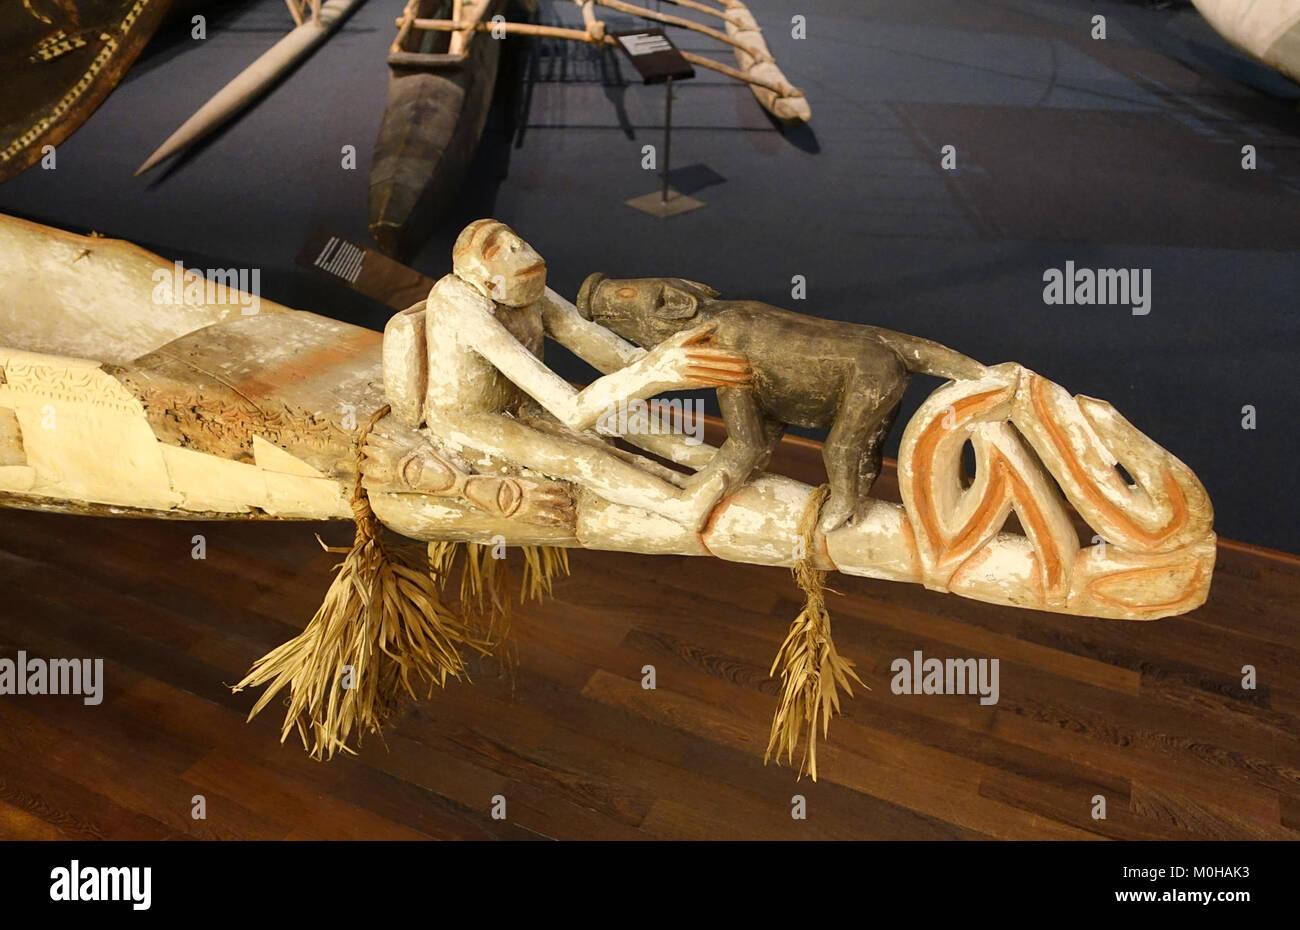 Kanu Bug, südseeabteilung-Ethnologischen Museum, Berlin - DSC 00915 Stockbild